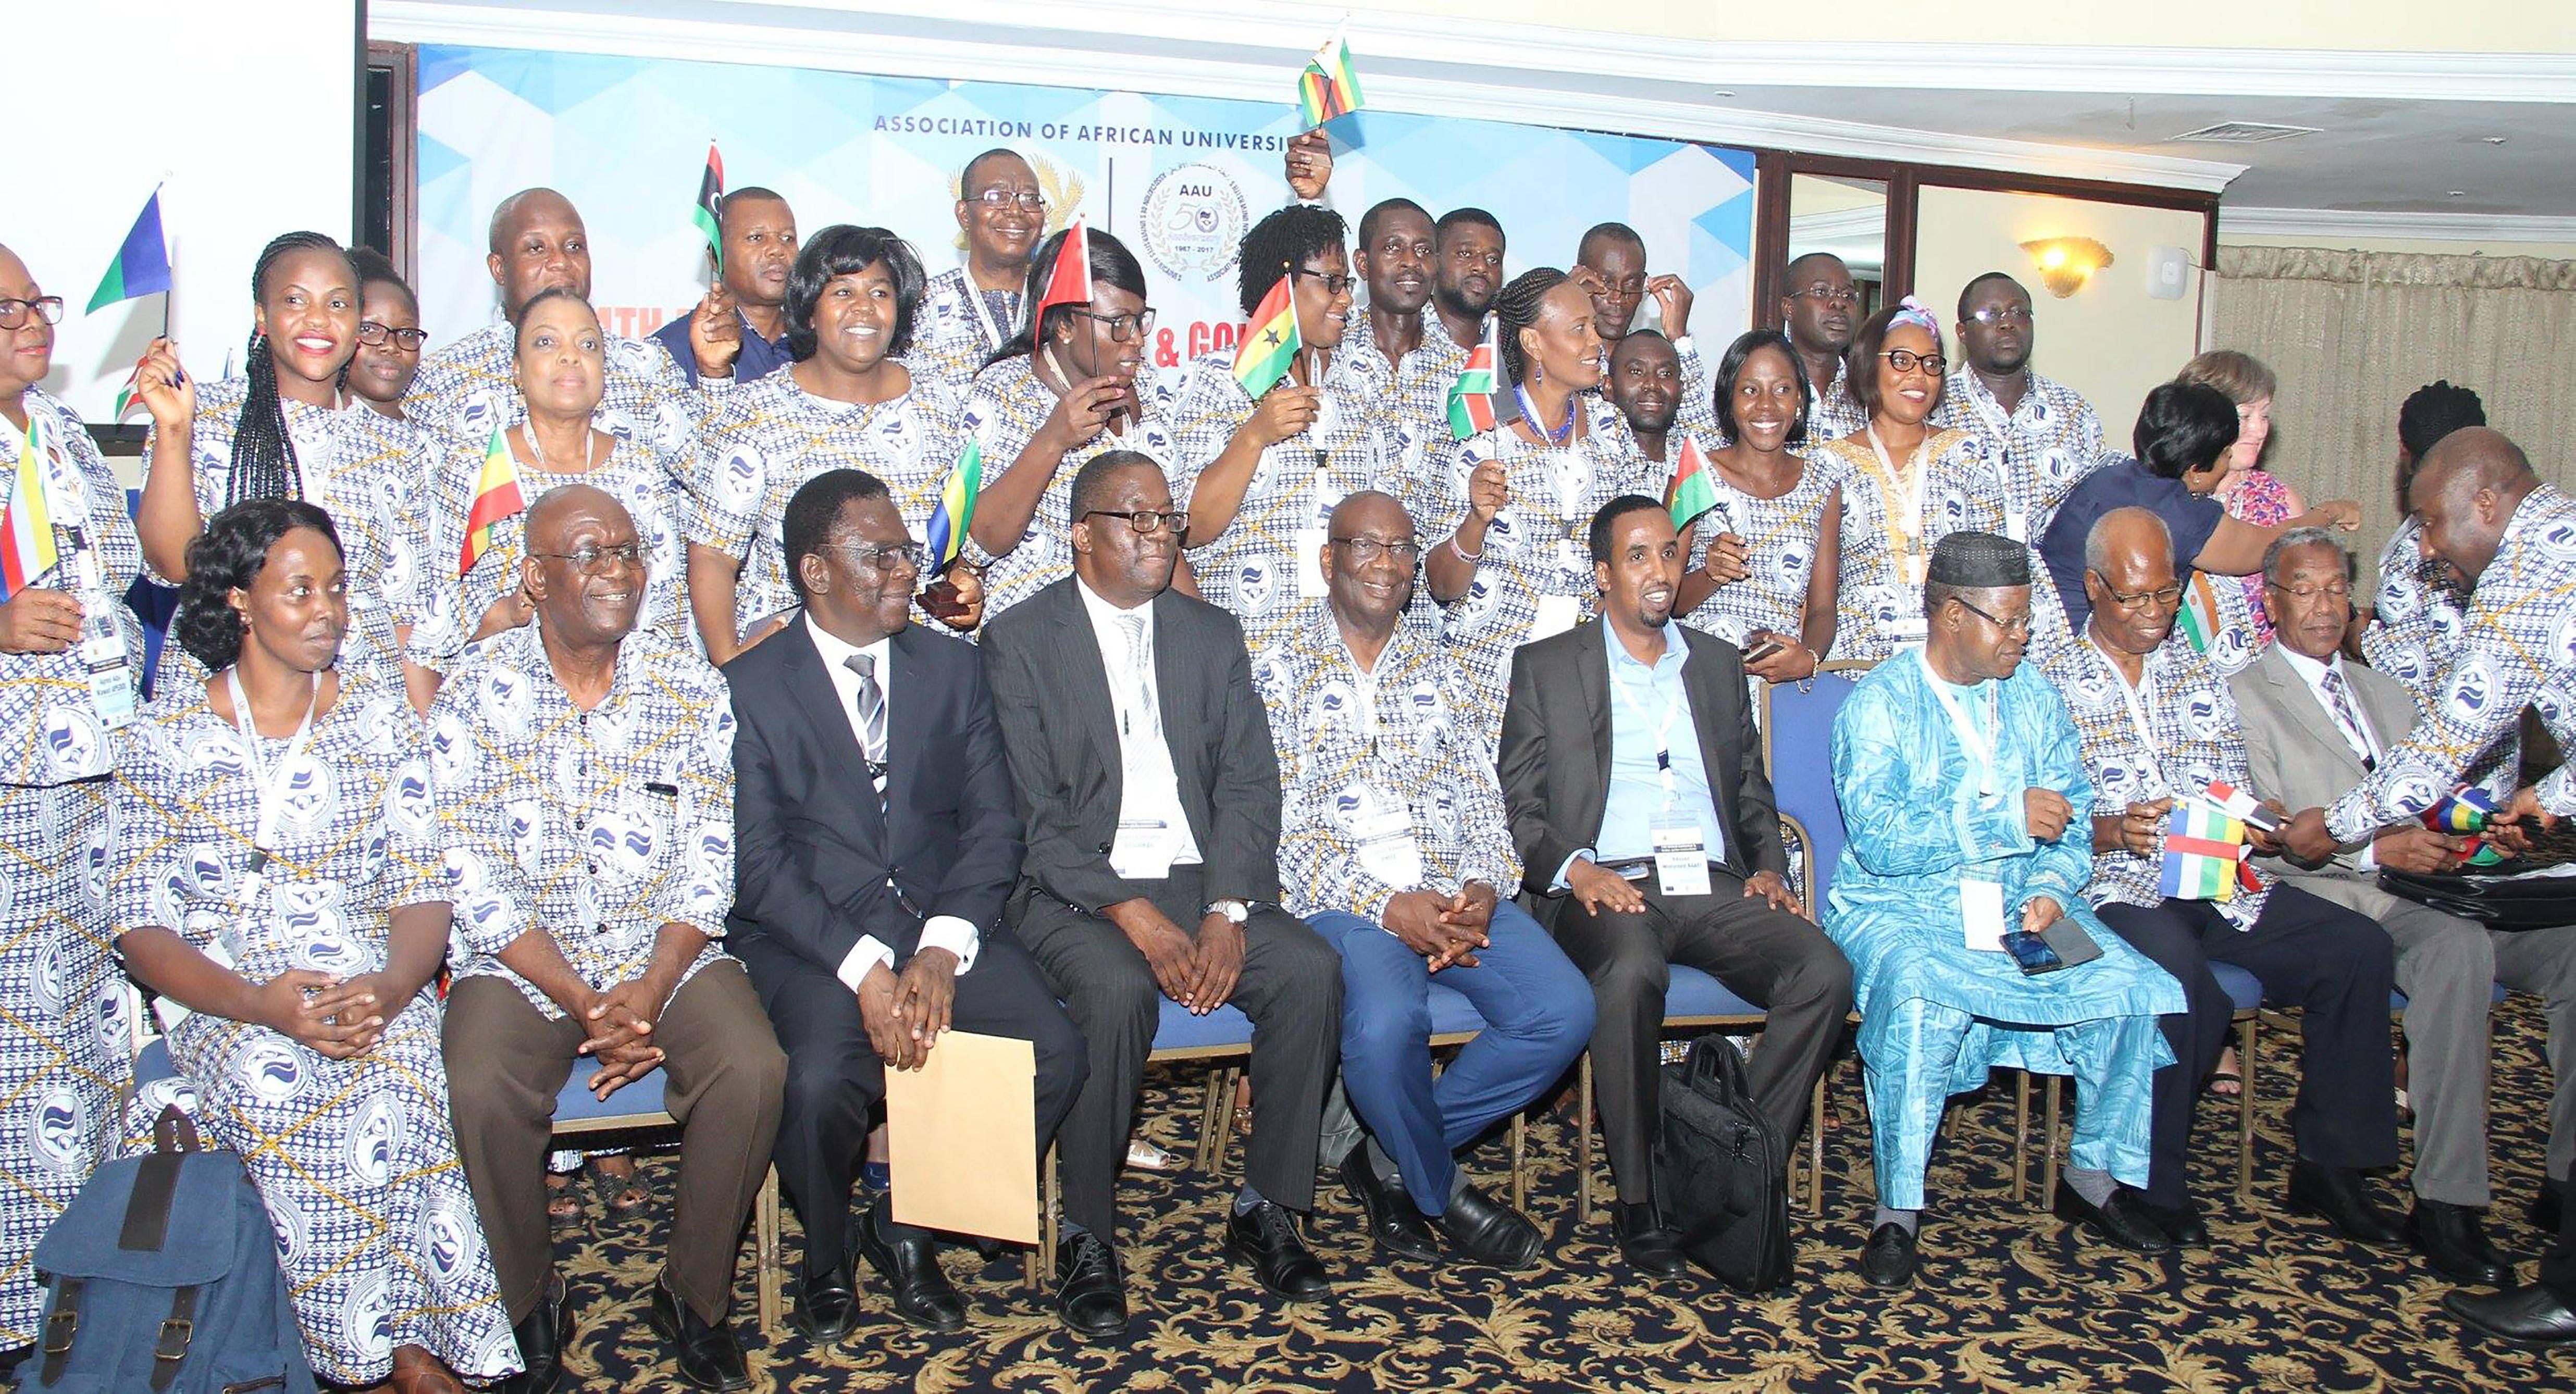 Plasma oo ka mid noqotay hogaanka ugu sareeya ee midowga jaamacadaha Afrika (( Association of African Universities AAU)